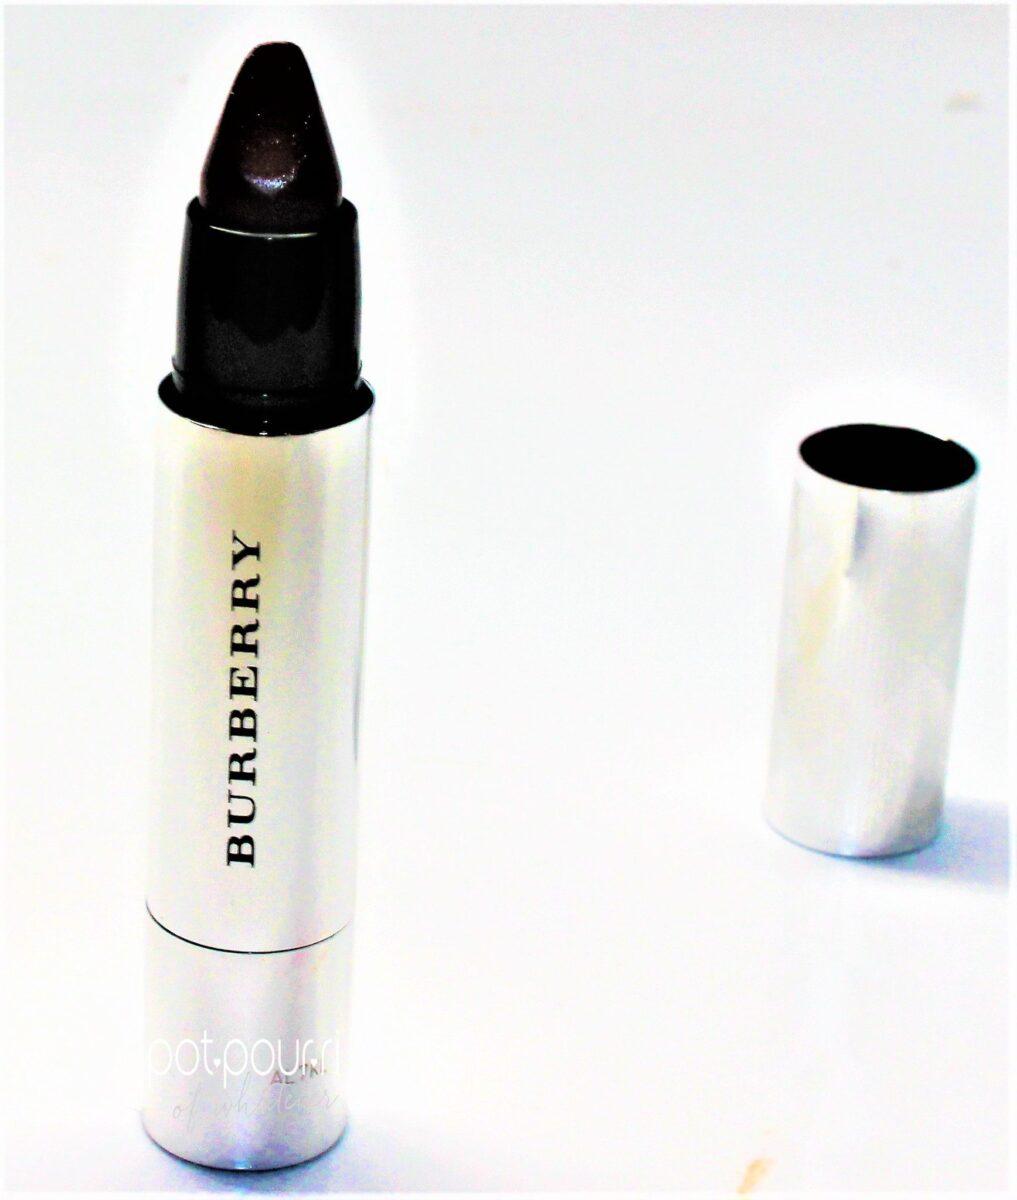 berry-full-kisses-lipstick-in-tube-applicator